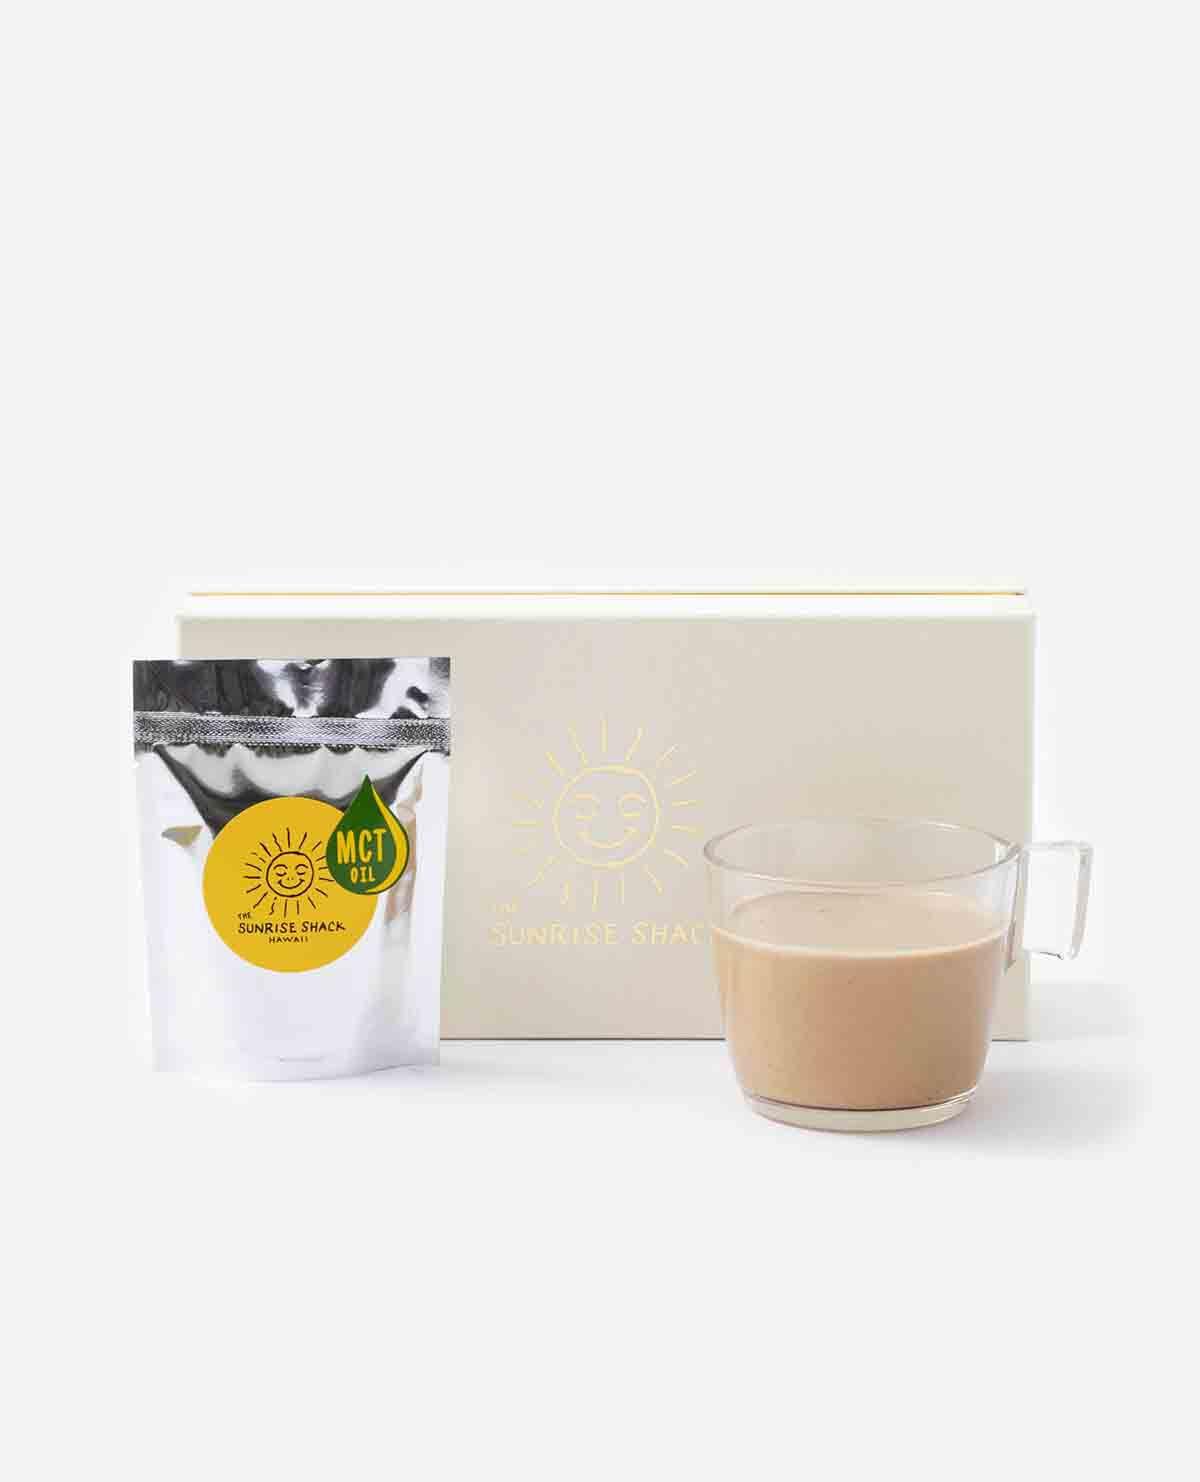 インスタントブレットコーヒー[ココナッツコーヒー/ダークモカコーヒー/ココア]